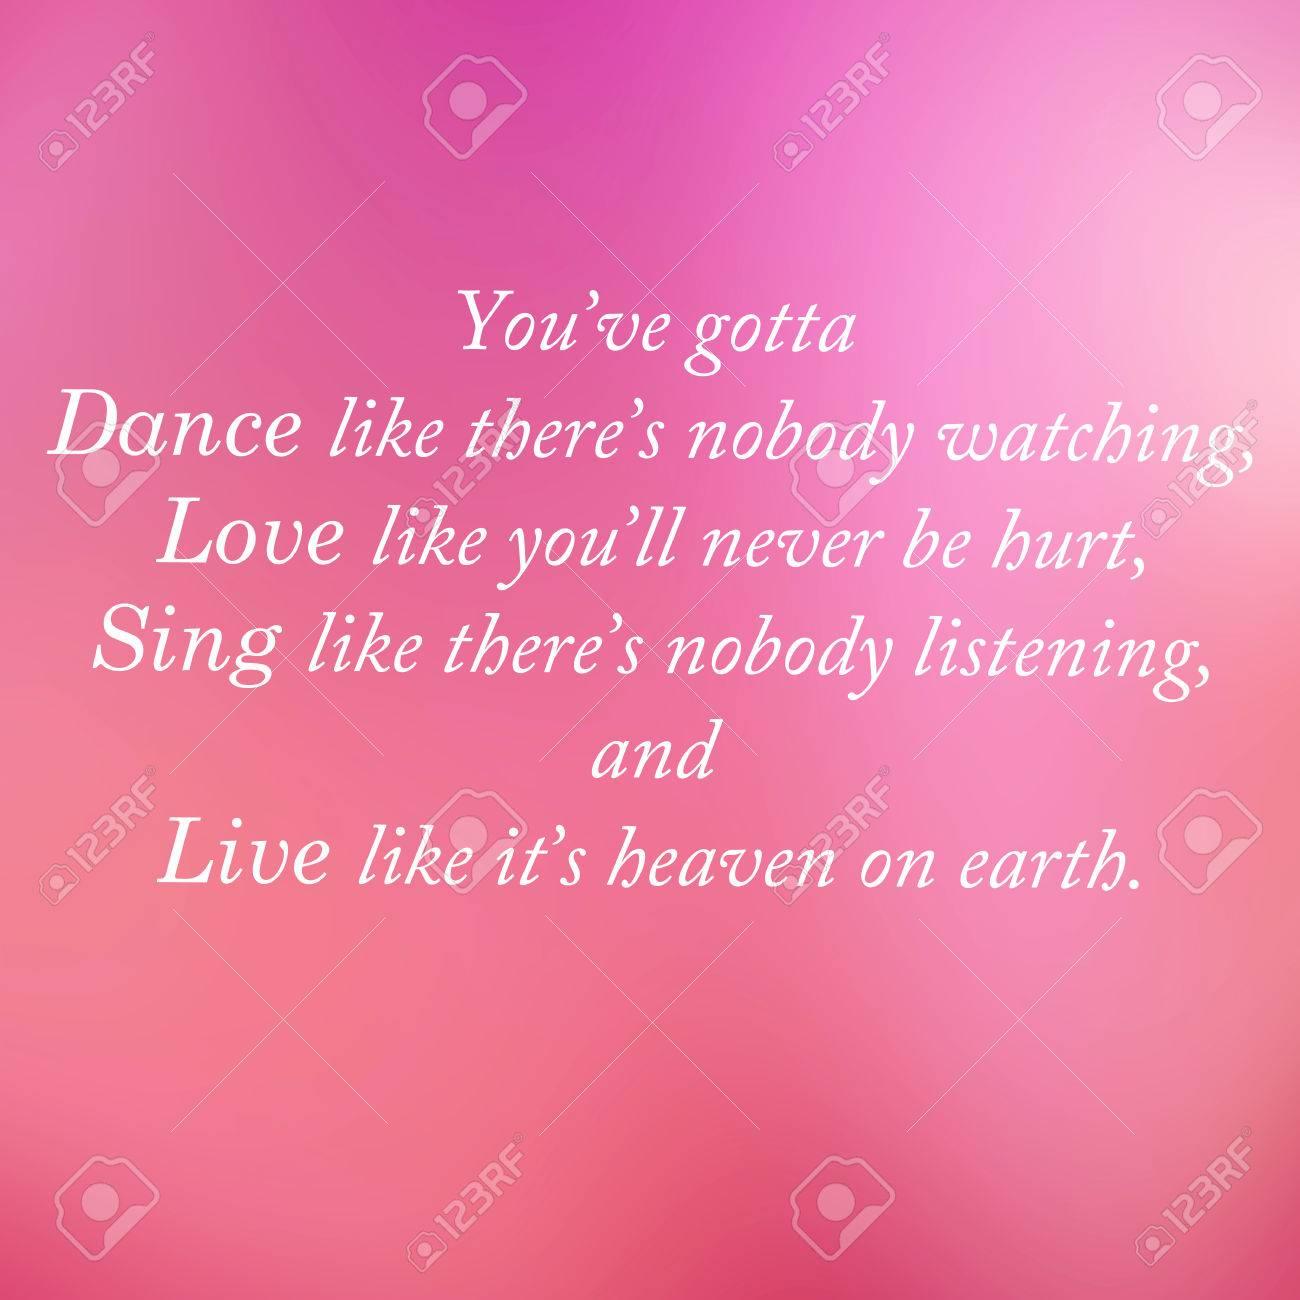 Belle Citation Vous Avez Obtenu De Danser Comme Il N Y A Personne à Regarder Amour Comme Vous Ne Serez Jamais Blessé Chanter Comme Il N Y A